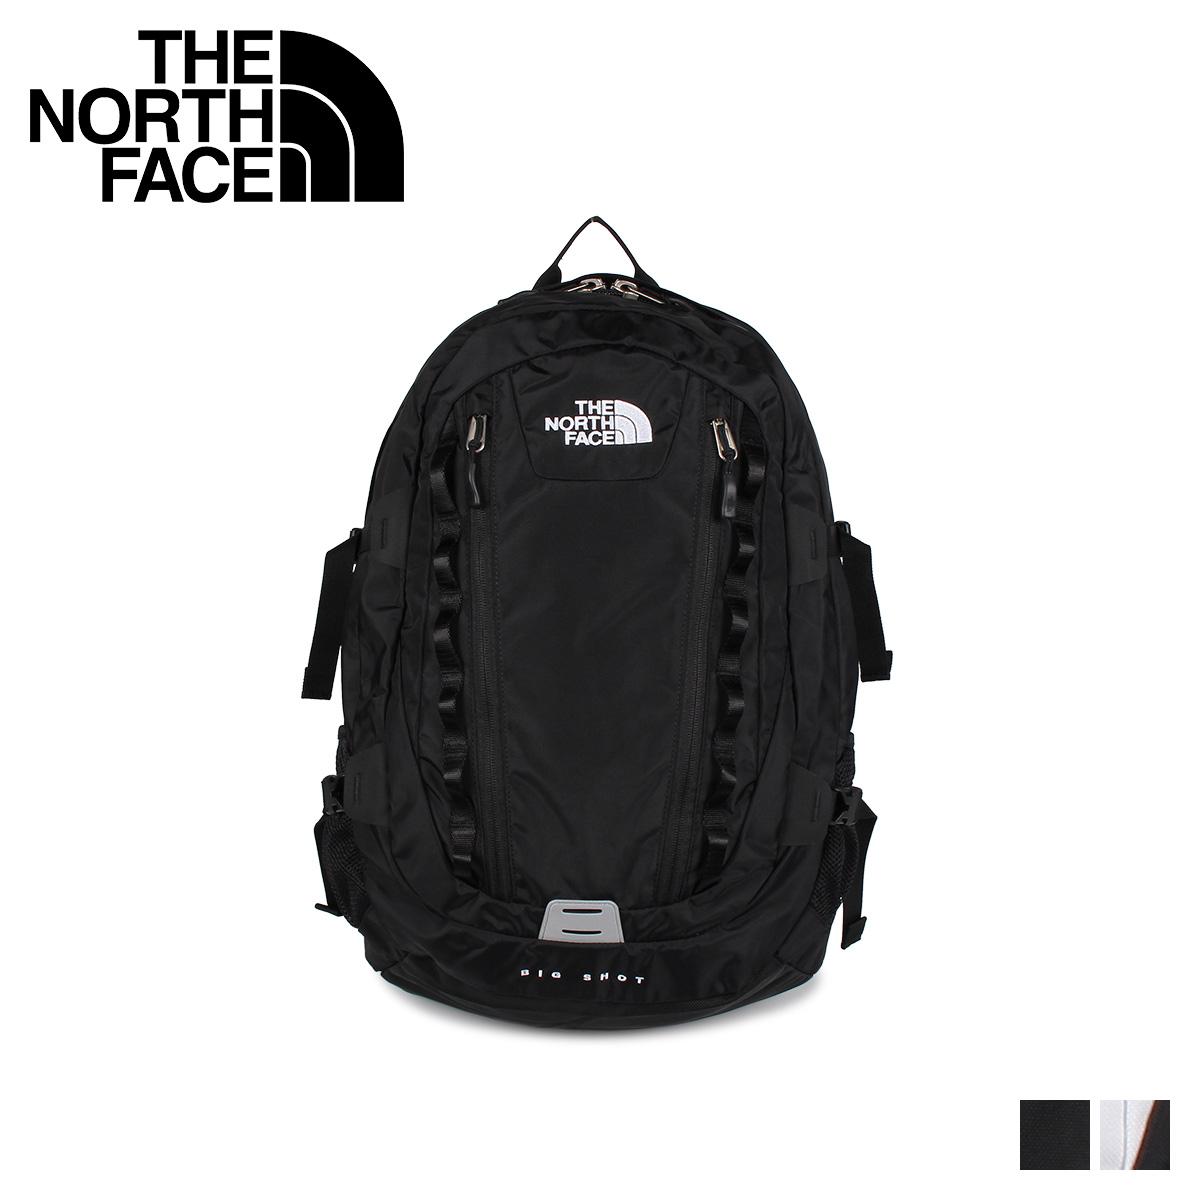 ノースフェイス THE NORTH FACE リュック バッグ バックパック ビッグショット メンズ レディース 32L BIG SHOT CLASSIC ブラック ホワイト 黒 白 NM71861 [11/13 追加入荷]